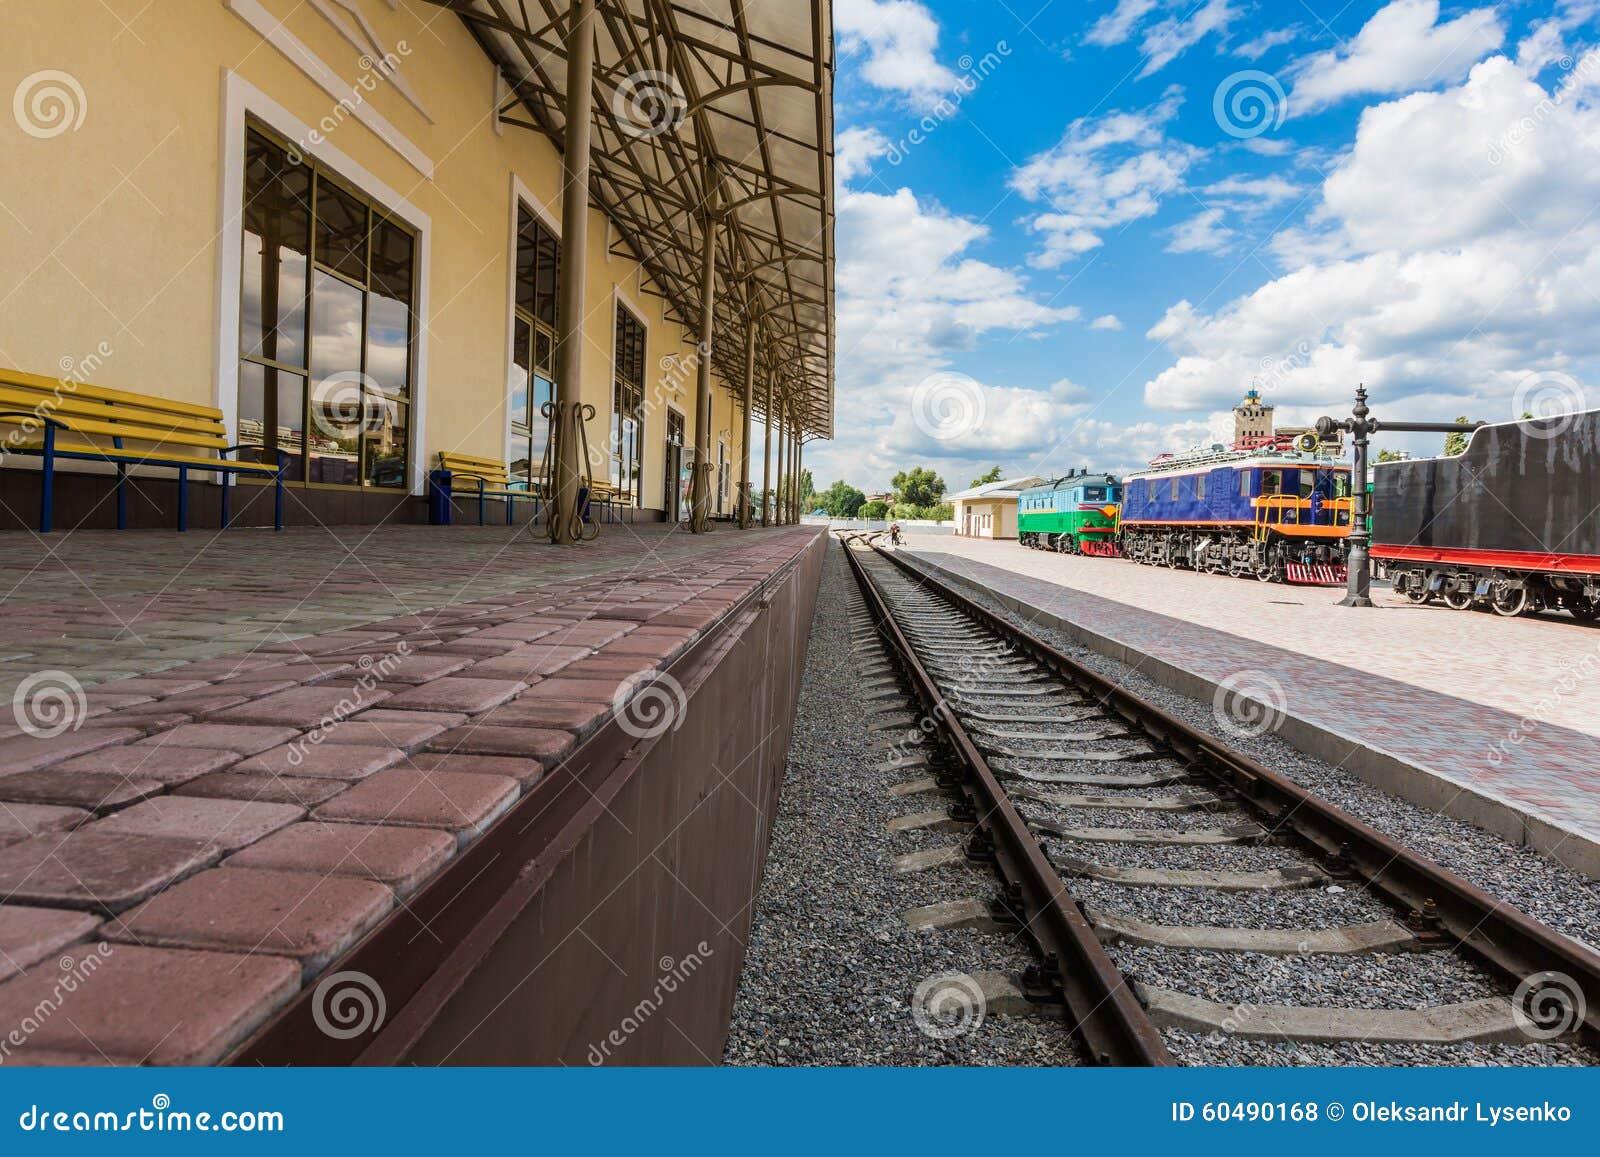 lionel station platform | eBay